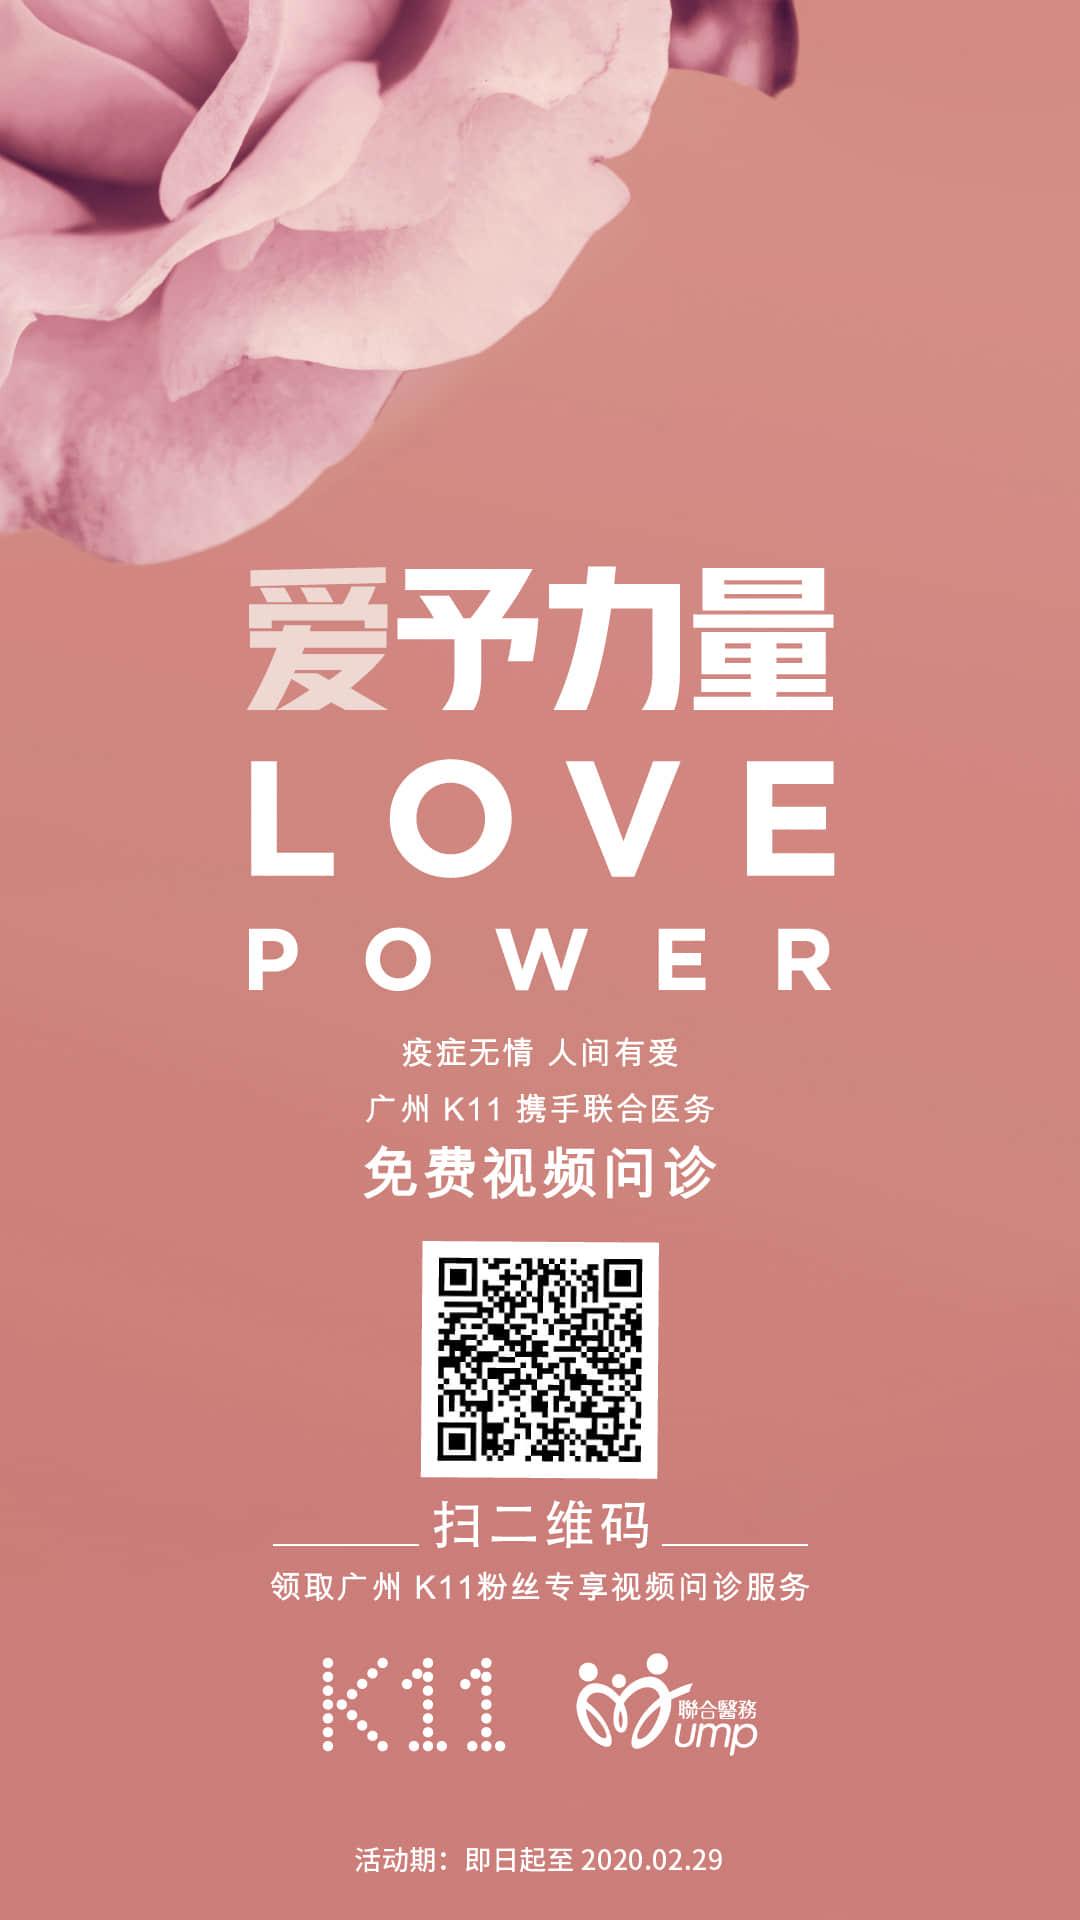 广州 K11携手联合医务为粉丝带来免费视频问诊服务